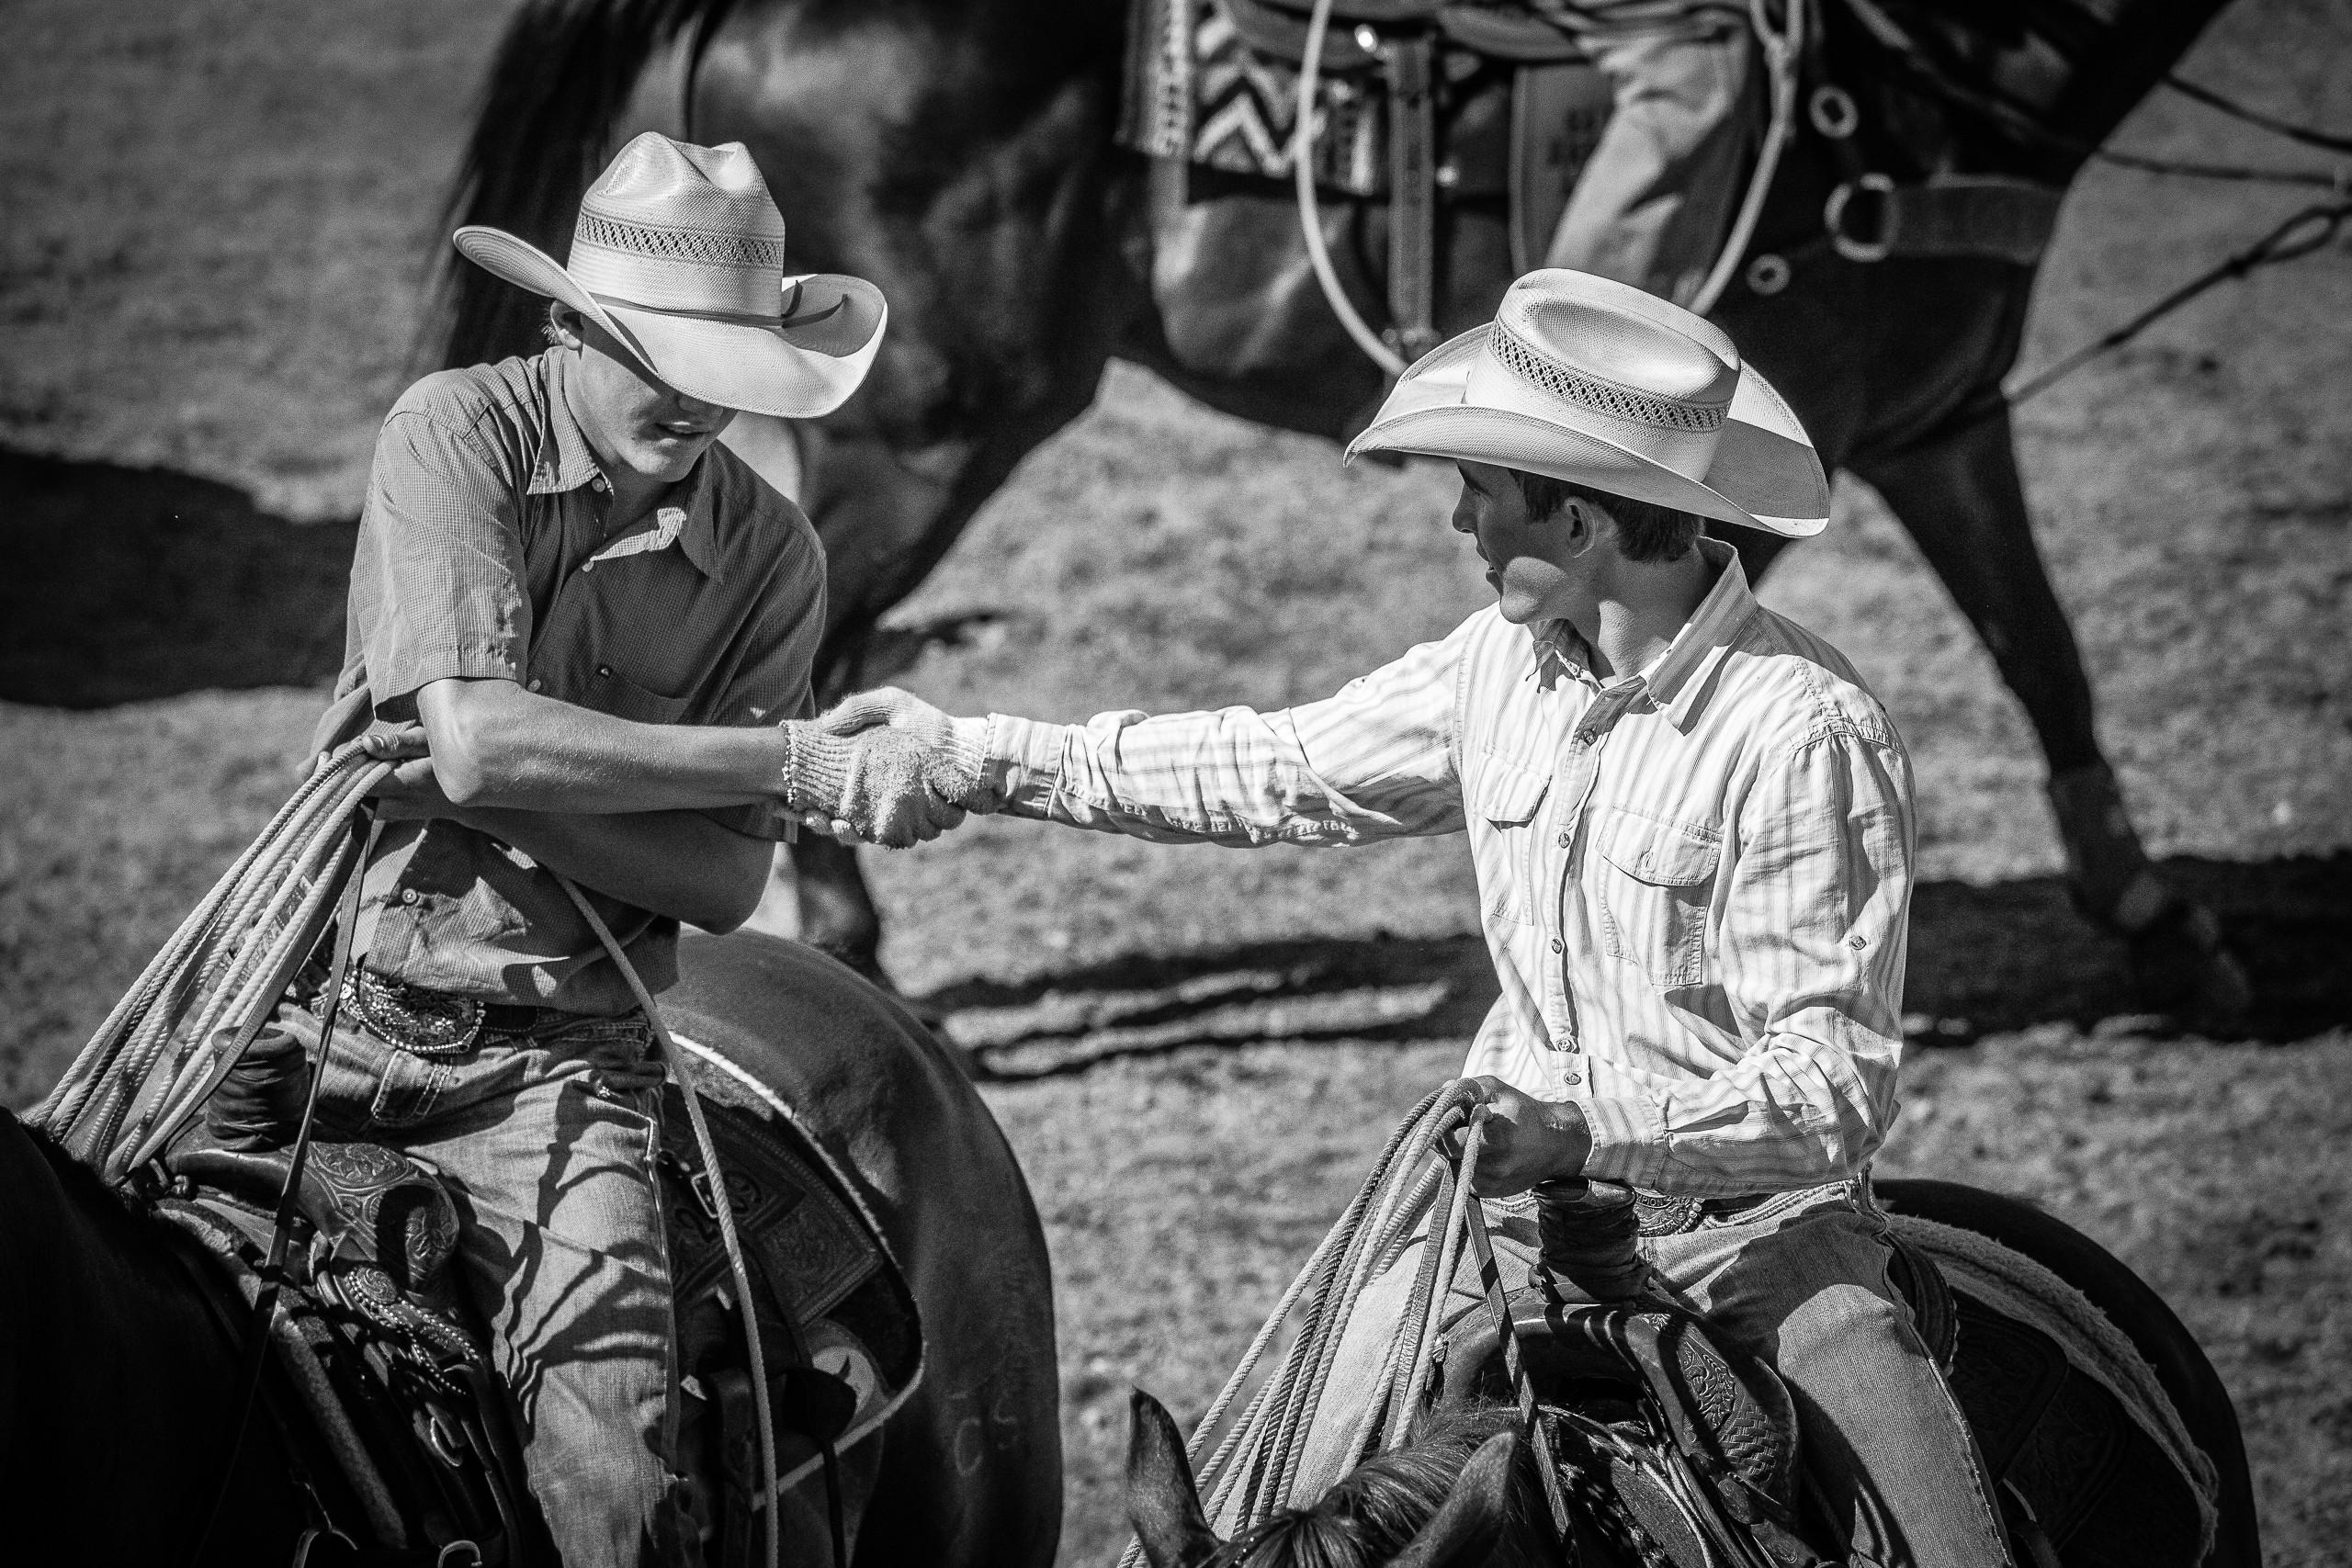 A Cowboy's Ethic